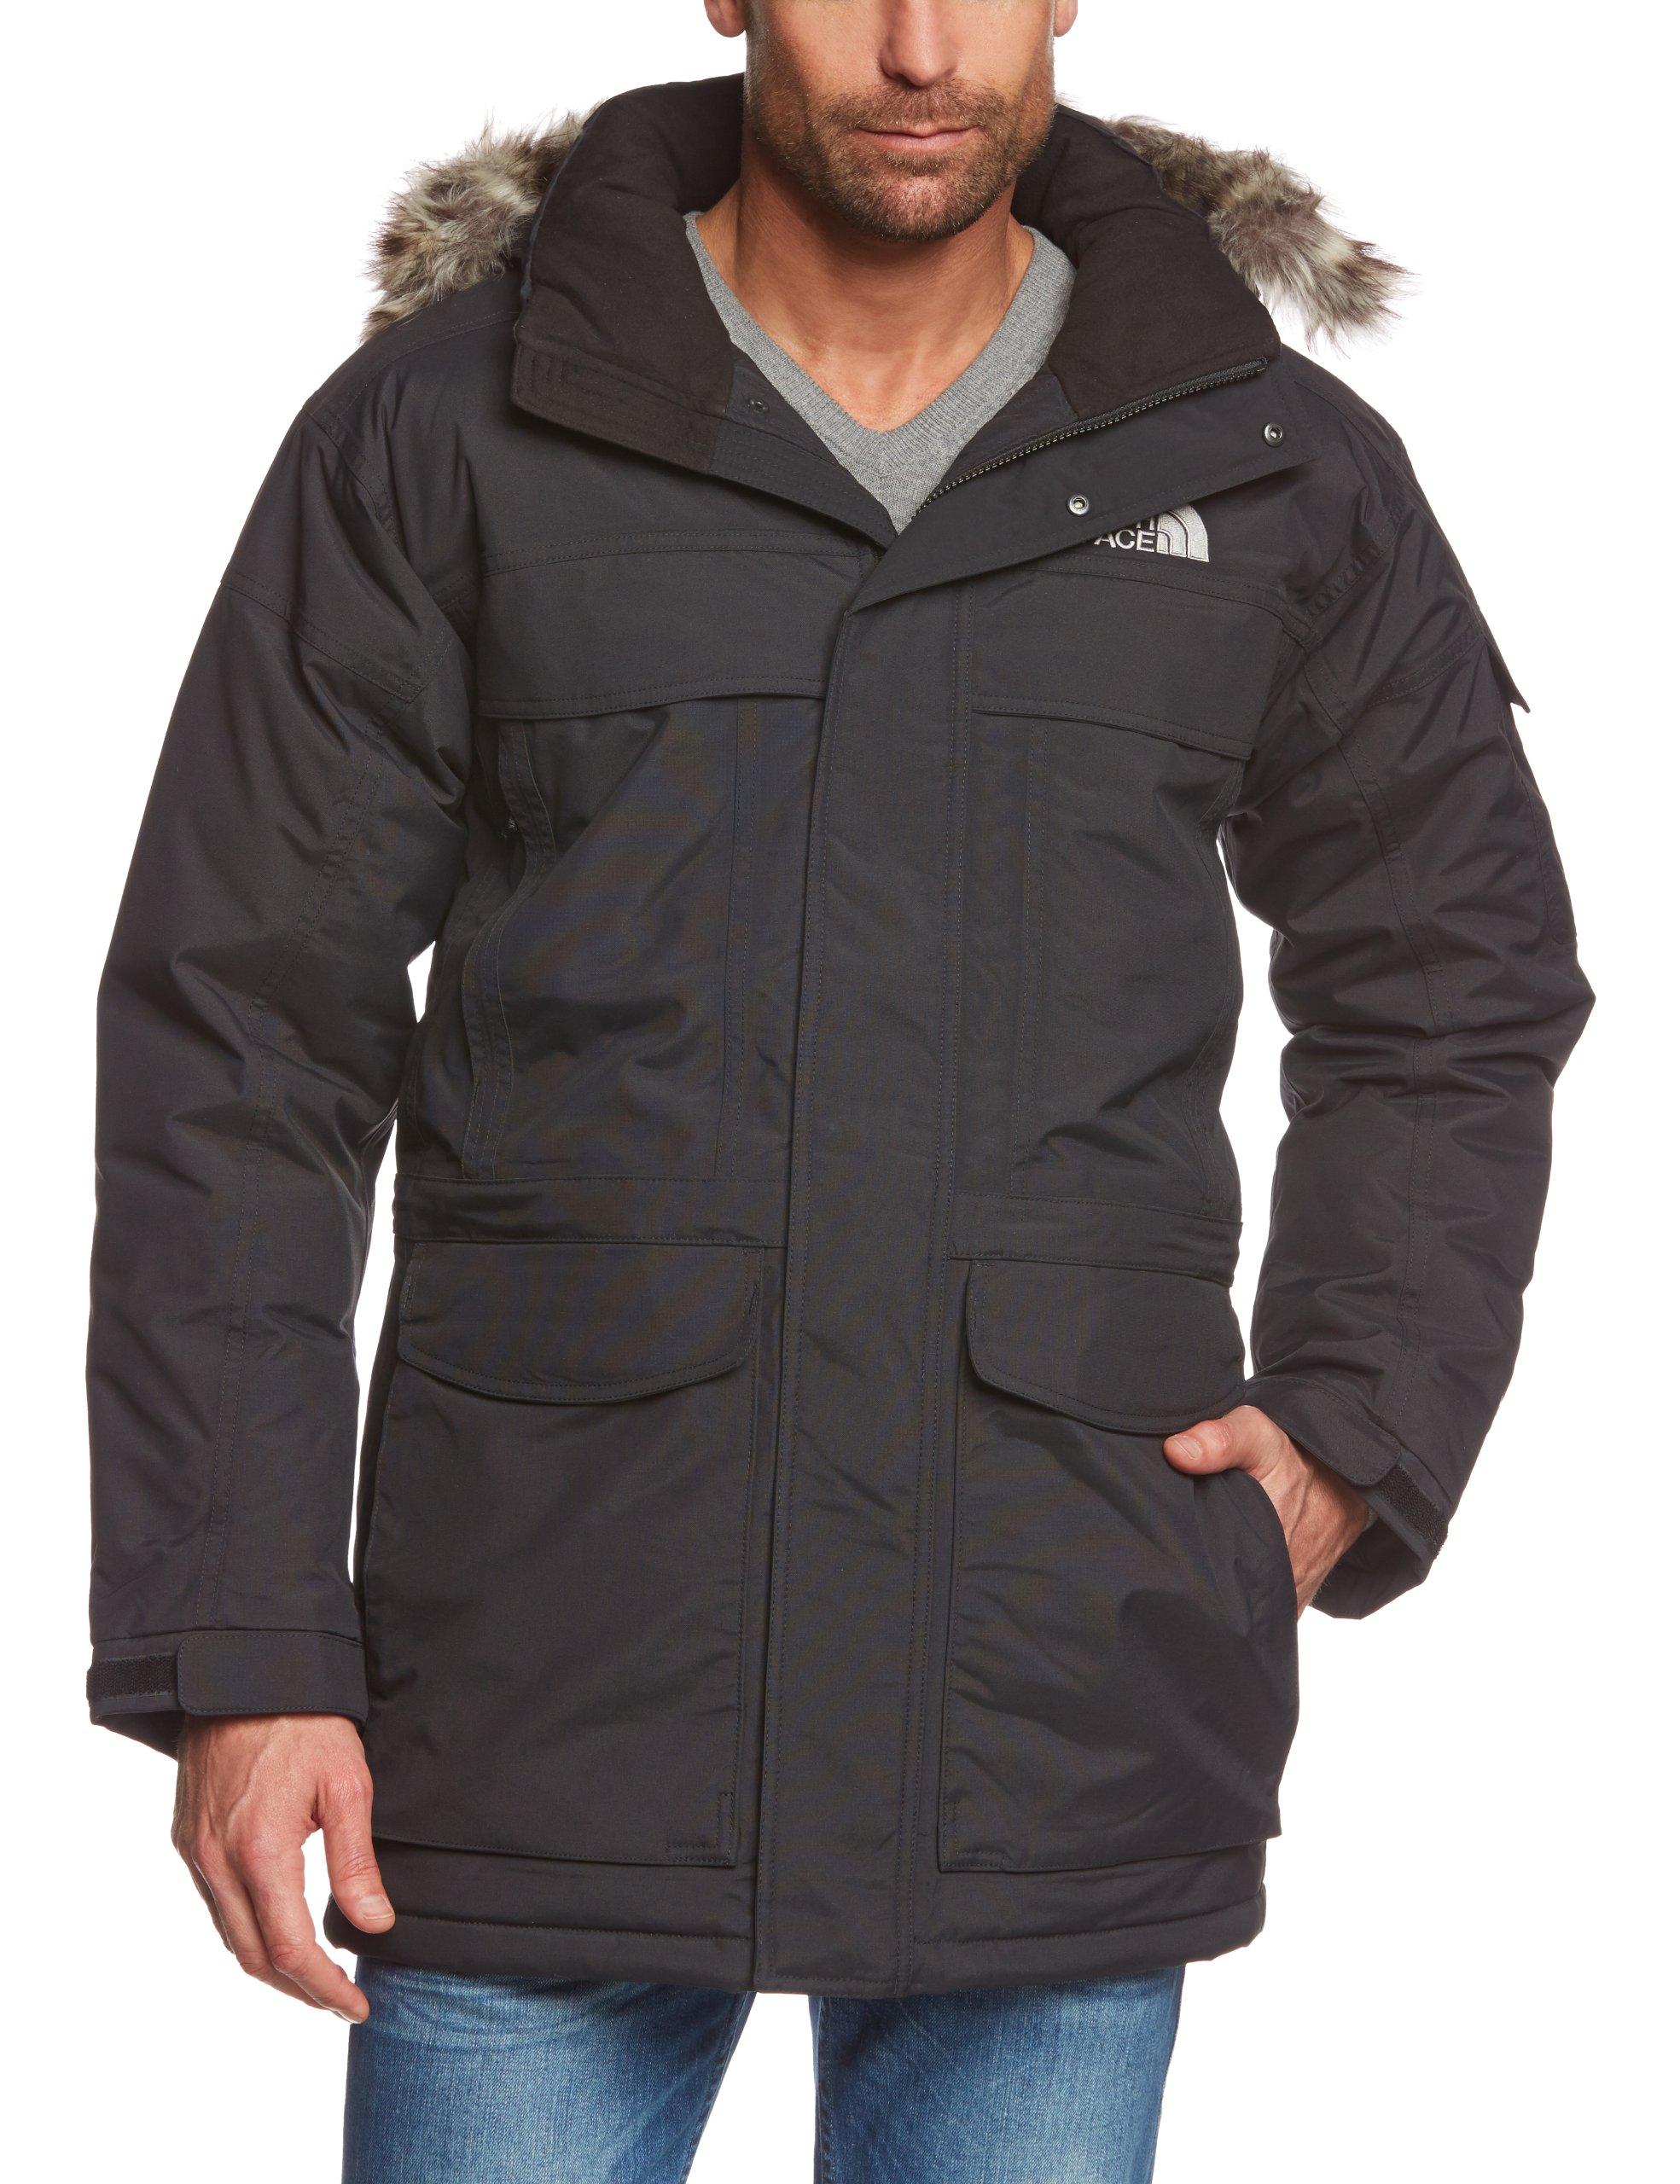 The North Face McMurdo – Chaqueta Impermeable con relleno de plumón de ganso para Hombre